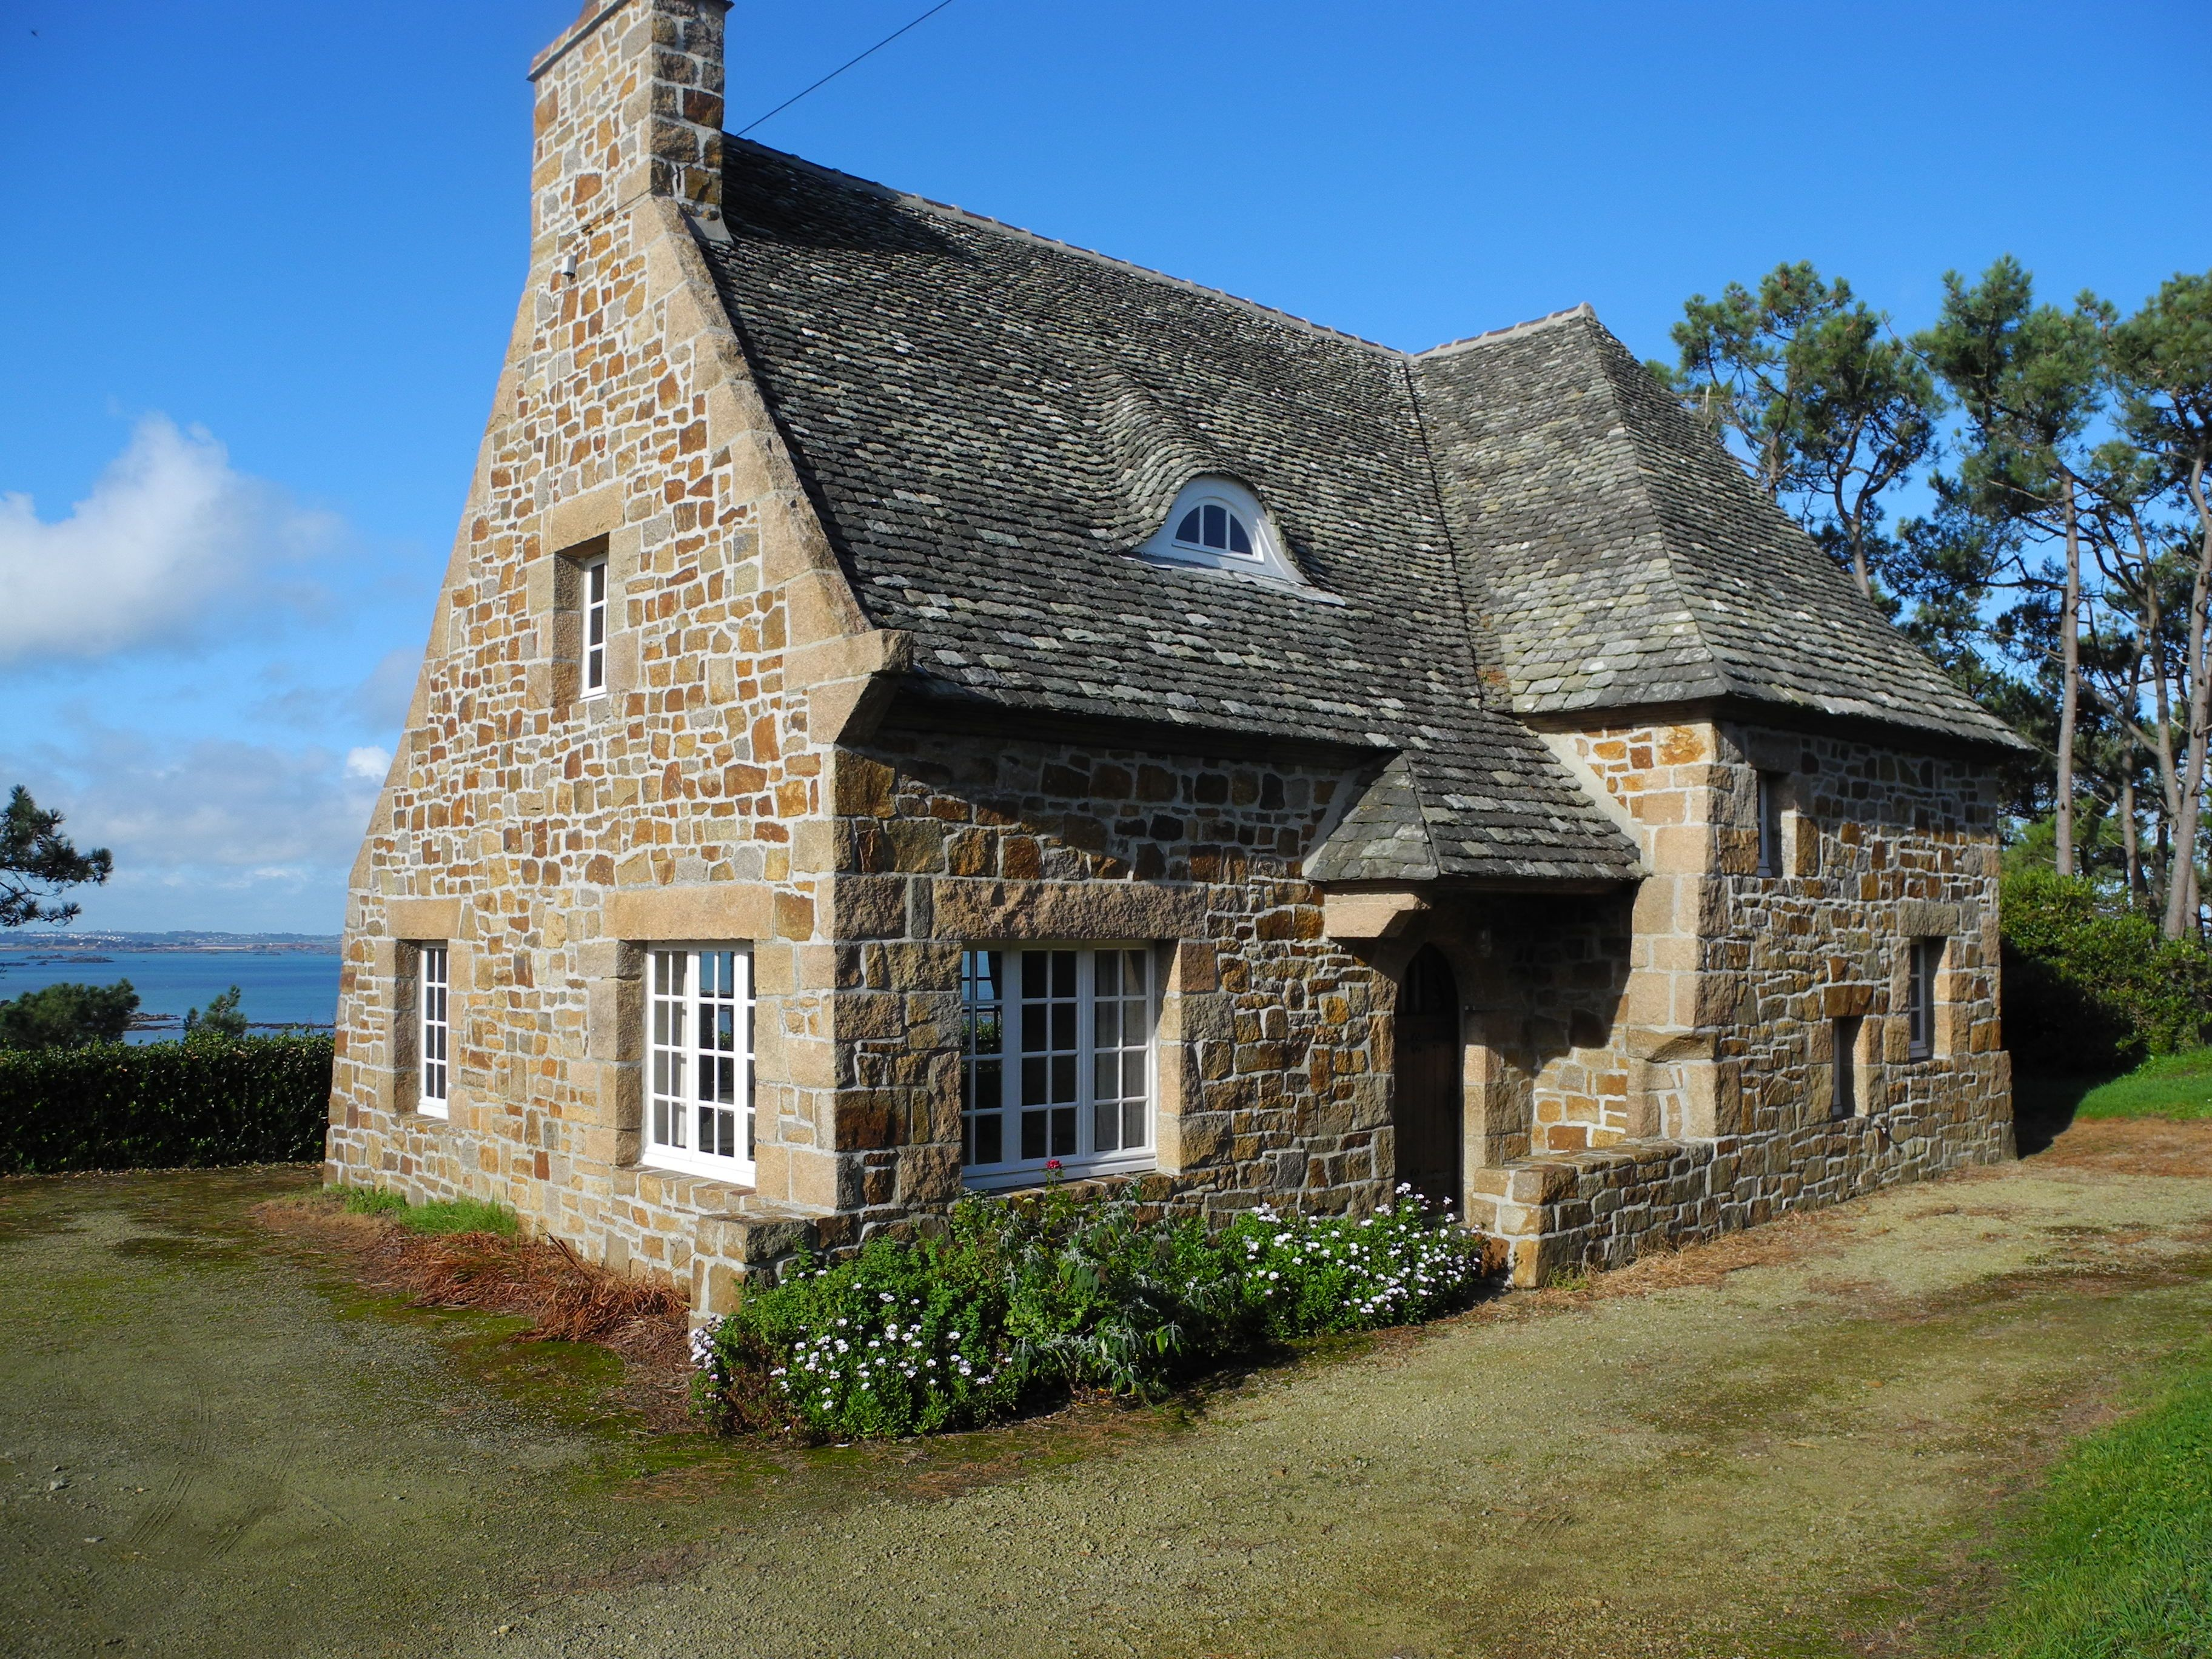 Vente Maison En Pierres Vue Mer Baie De Morlaix Maison Bretagne Maison En Pierre Immobilier Bretagne